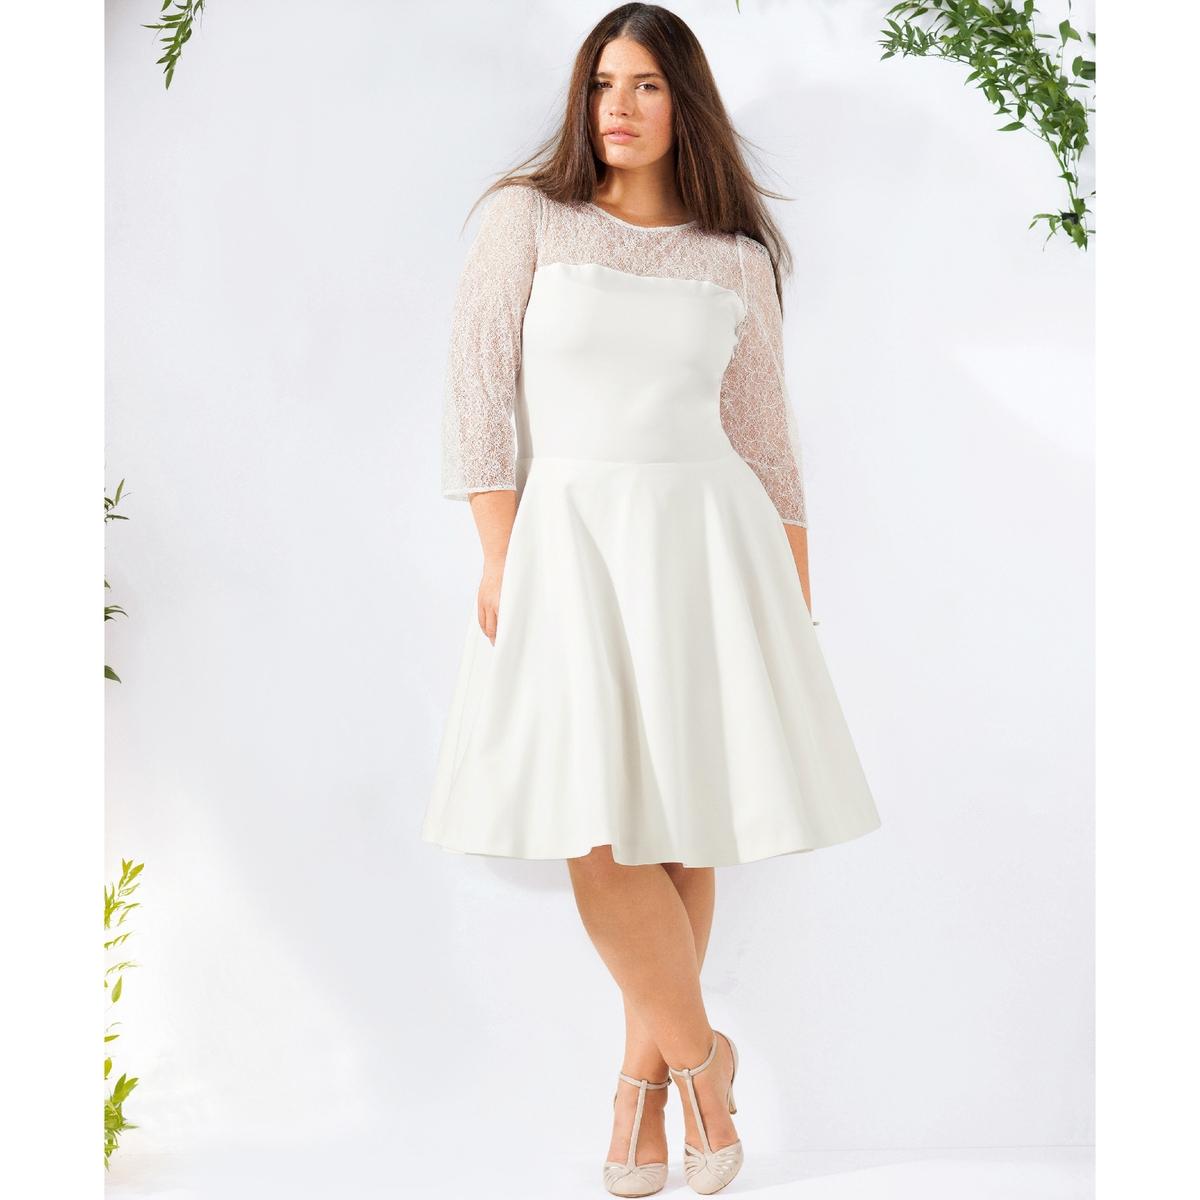 Короткое свадебное платьеСвадебное платье. Закругленный вырез. Рукава 3/4. Кружевные вставки на декольте спереди и сзади, а также на рукавах. 48% хлопка, 48% полиэстера, 4% эластана. Длина 98 см.<br><br>Цвет: слоновая кость<br>Размер: 54 (FR) - 60 (RUS)